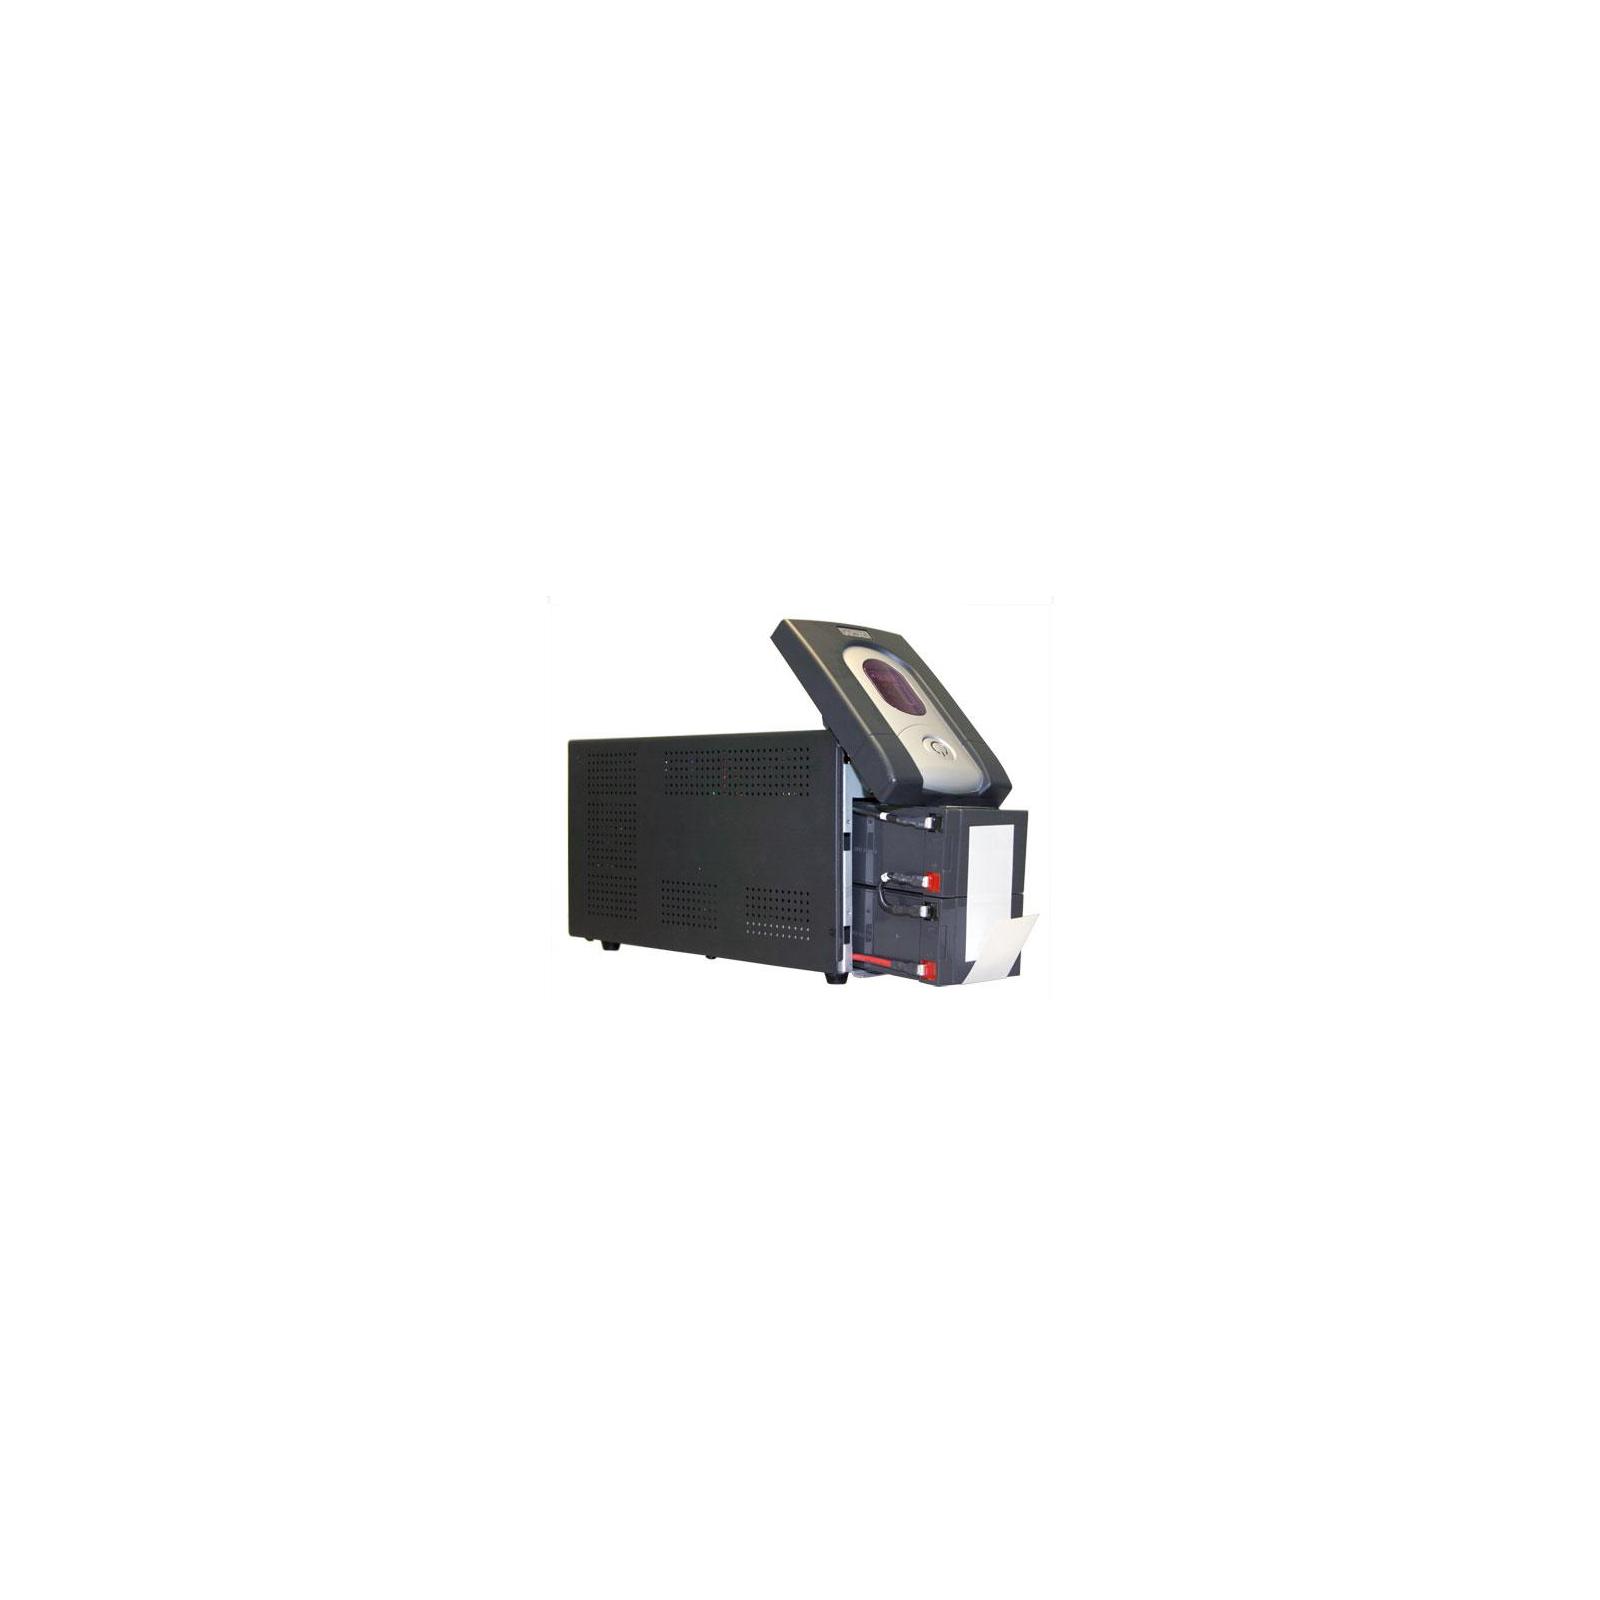 Источник бесперебойного питания IMD-1200 АР Powercom (IMD-1200 AP) изображение 3